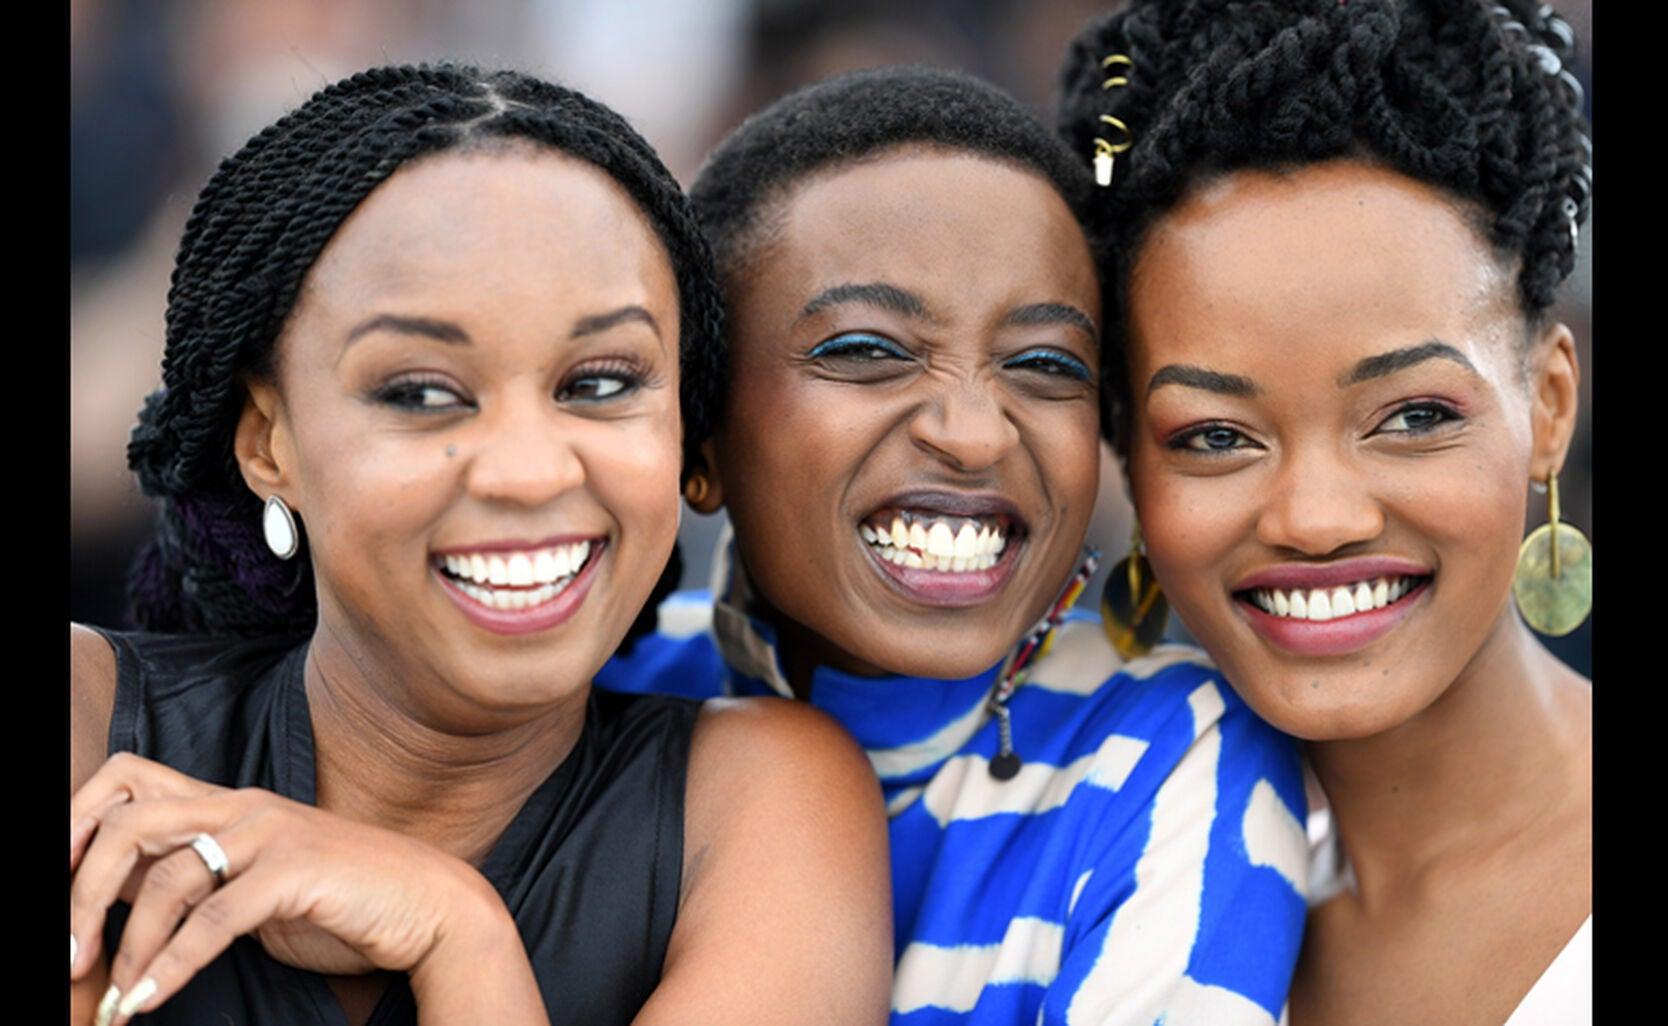 director Wanuri Kahiu, actresses Samantha Mugatsia and Sheila Munyiva